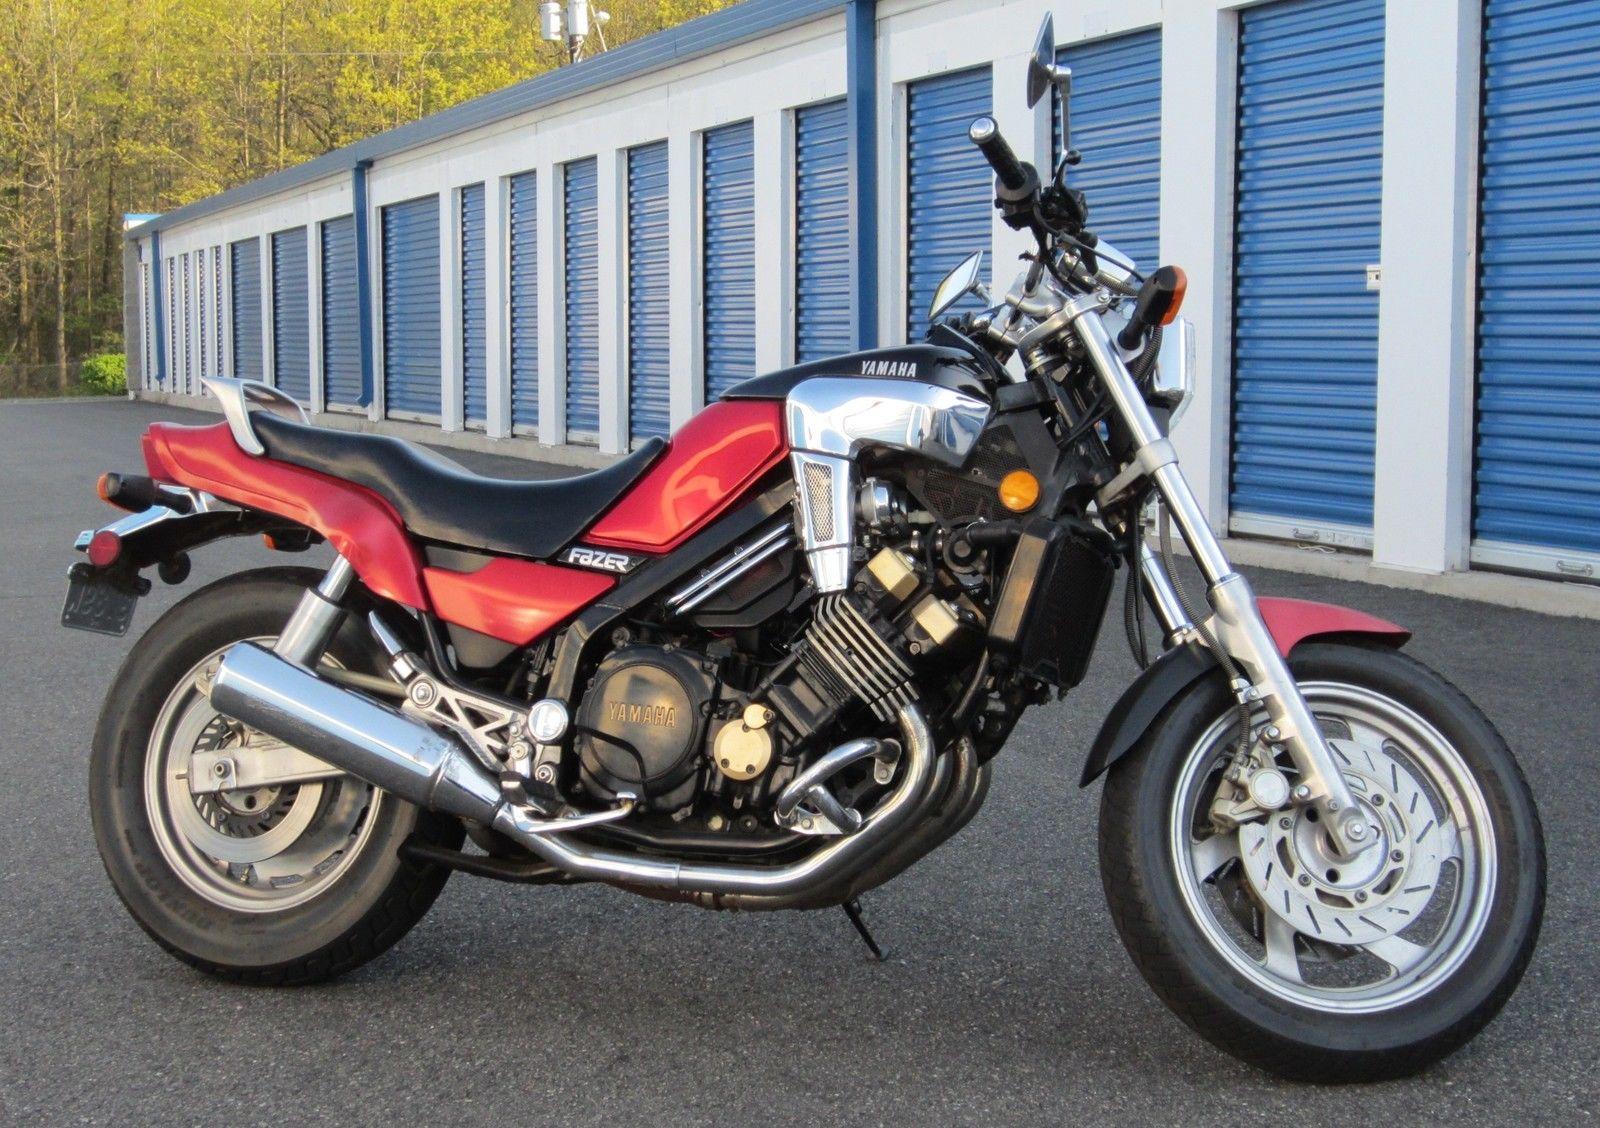 2017 Yamaha Fazer 700 kms driven in Tolichowki in Tolichowki ...